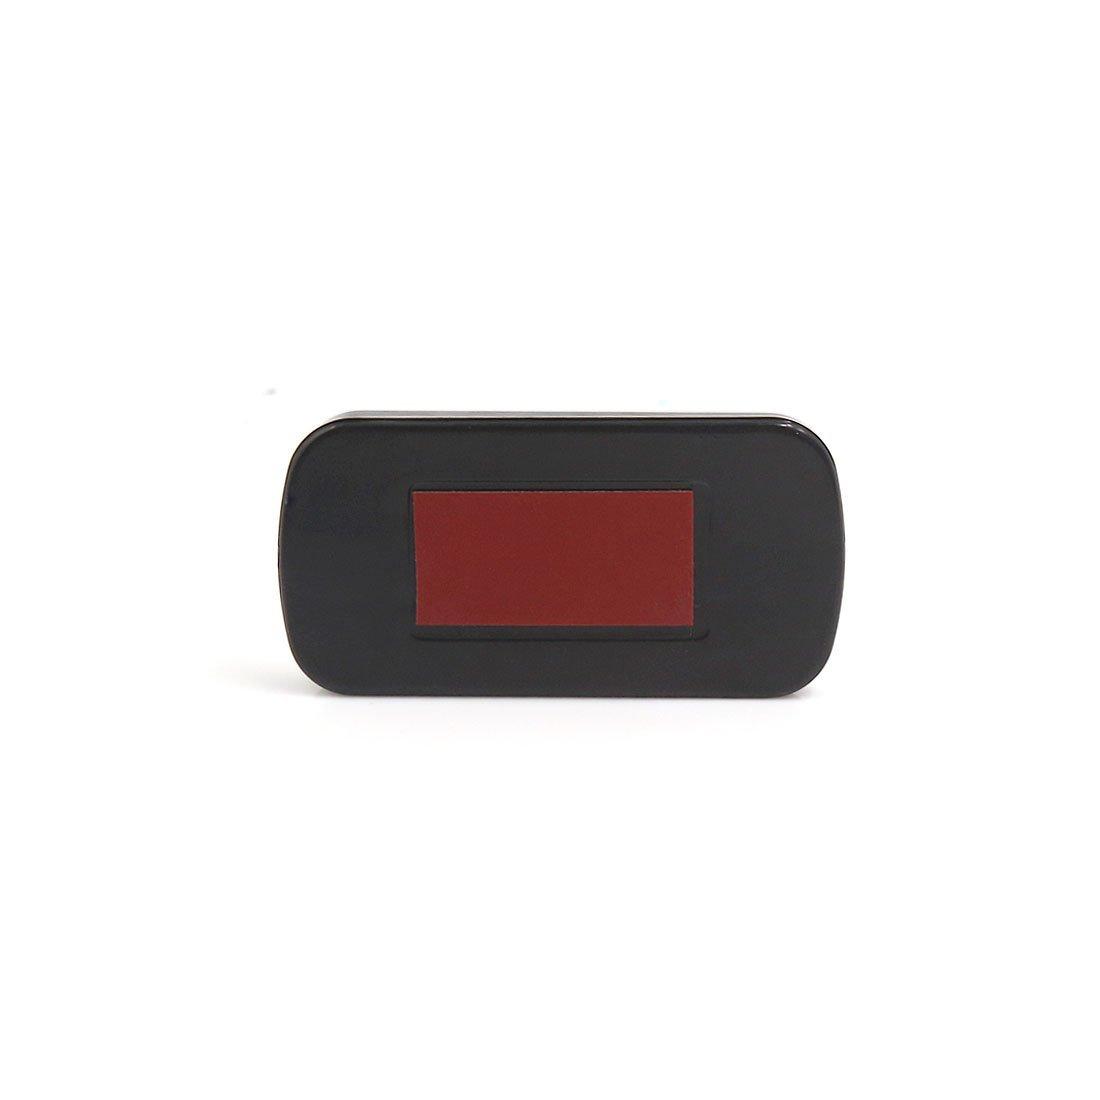 Amazon.com: DealMux 2pcs Retângulo auto-adesivo em forma de carro Blind Spot auxiliar Espelho Retrovisor: Automotive